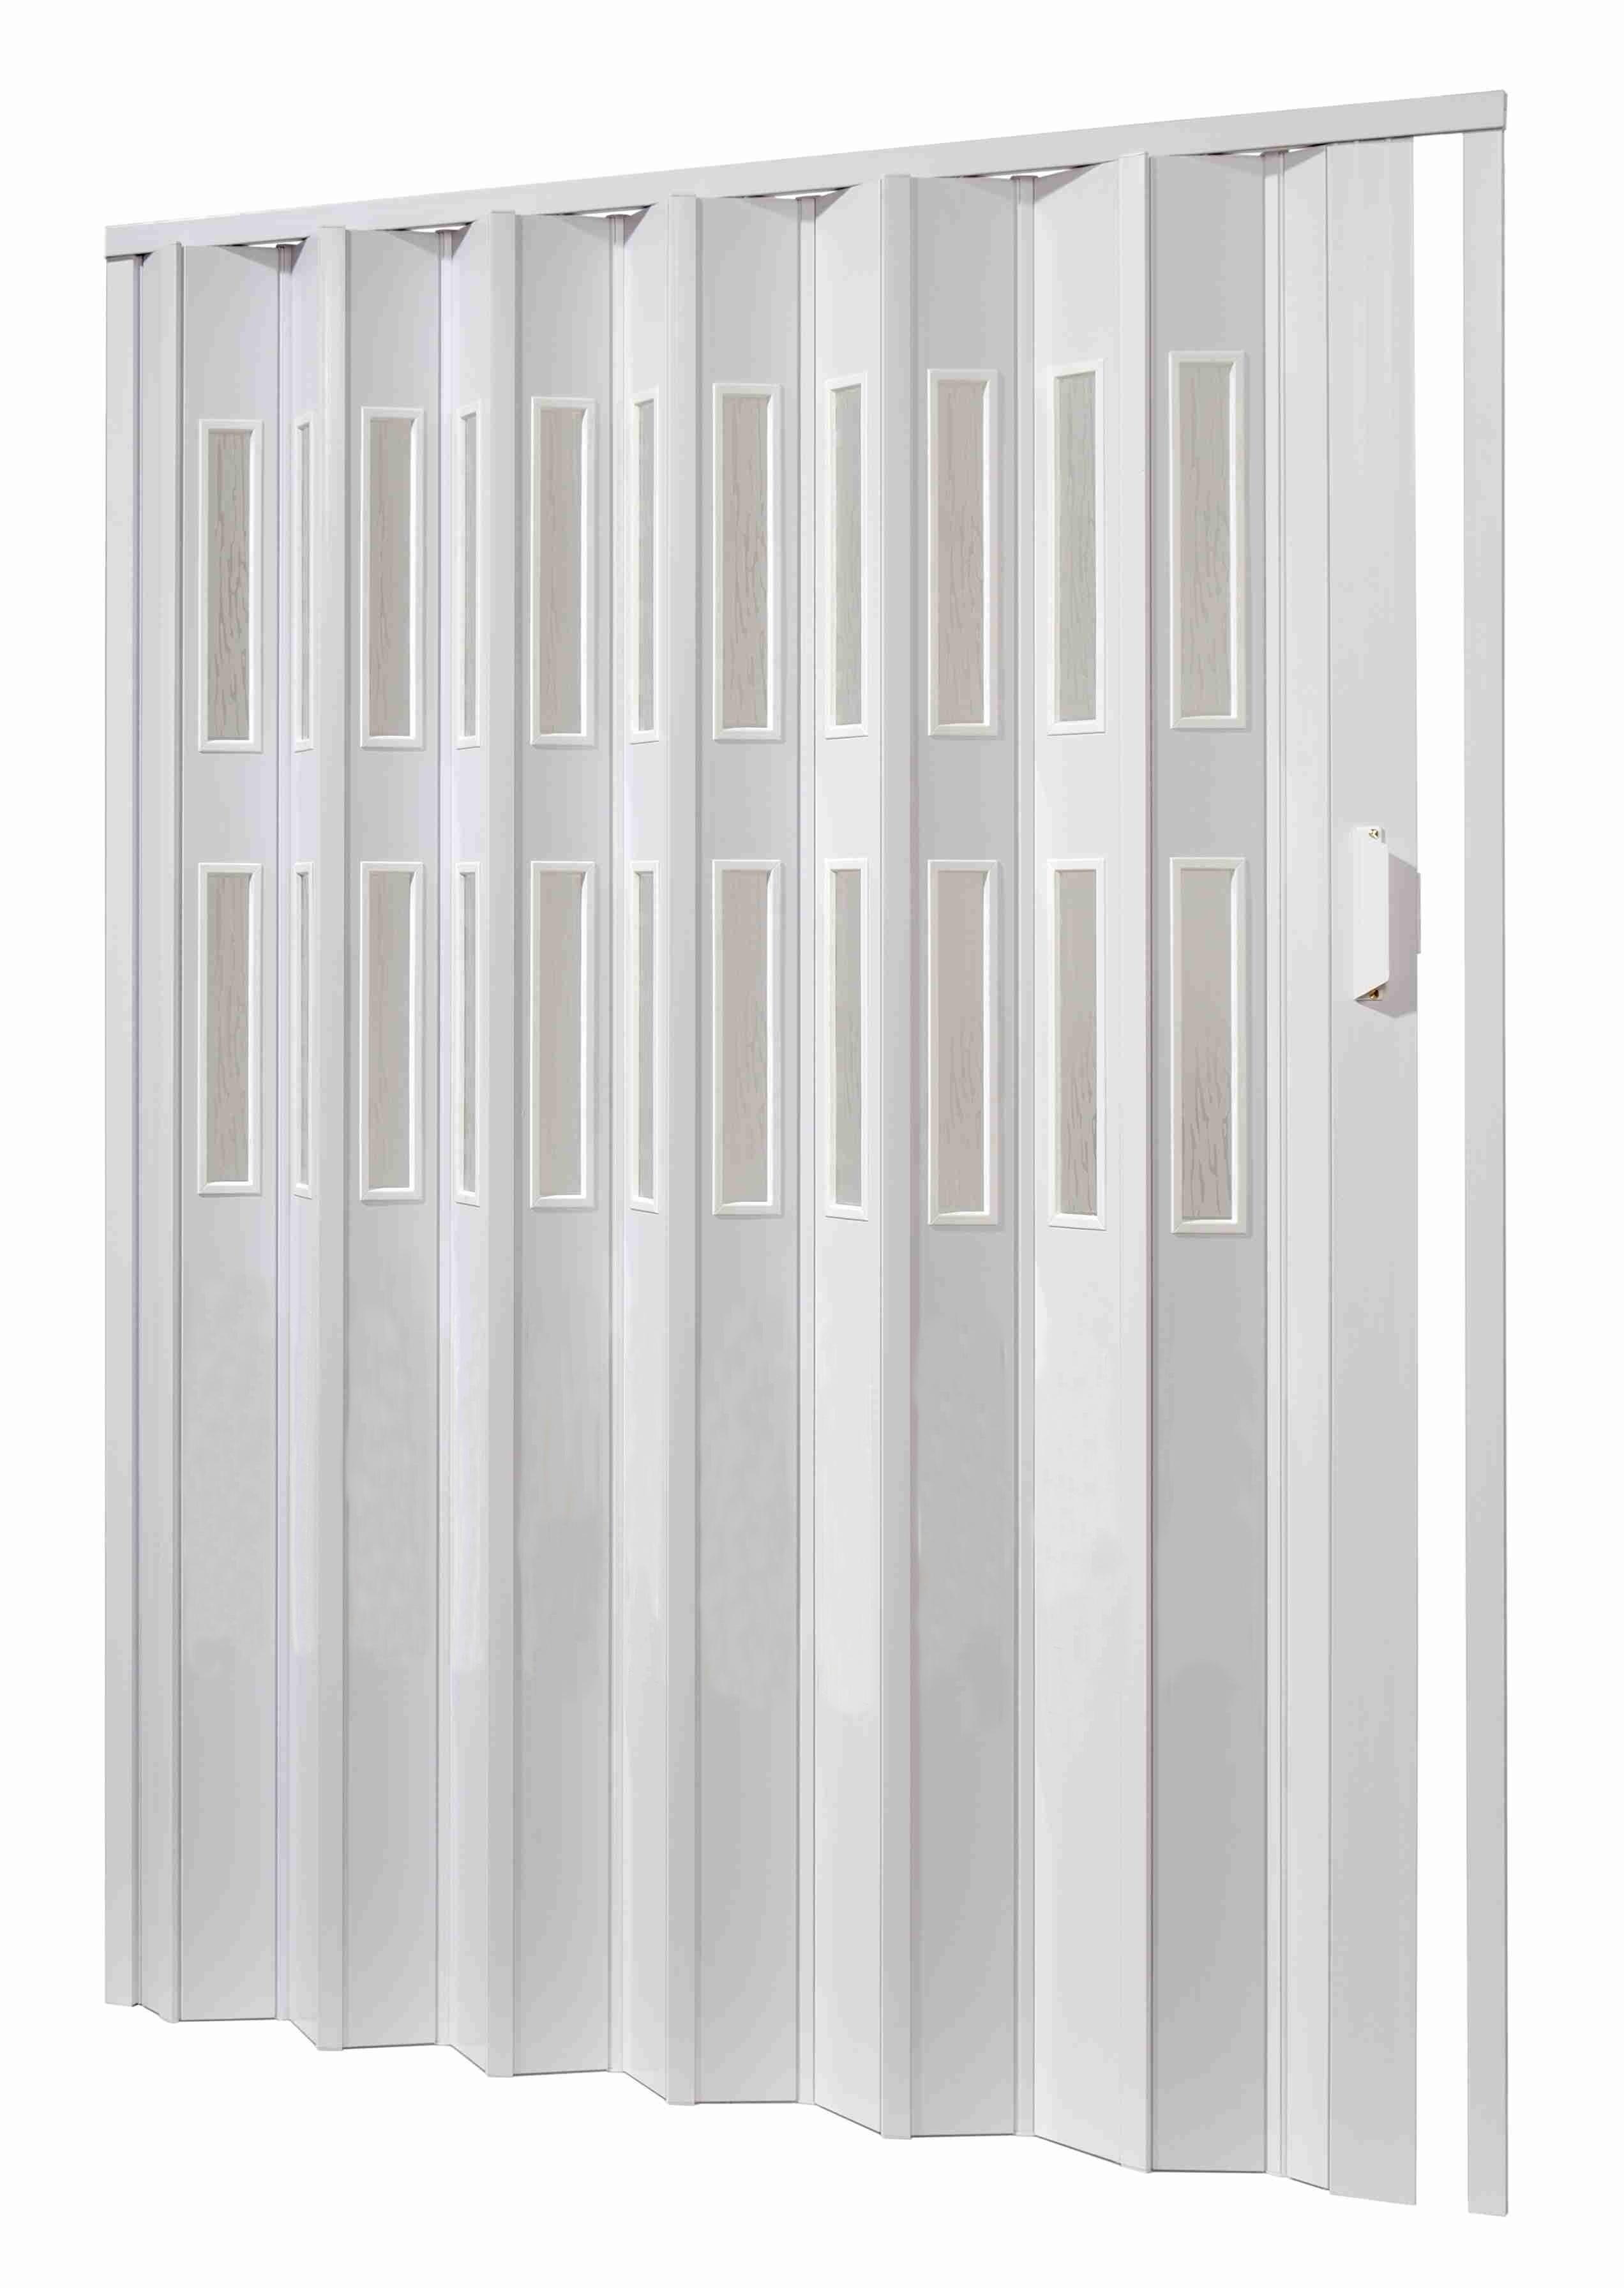 Plastové shrnovací dveře rozměr do 132x250cm ODSTÍN: BÍLÁ, TYP DVEŘÍ: plné